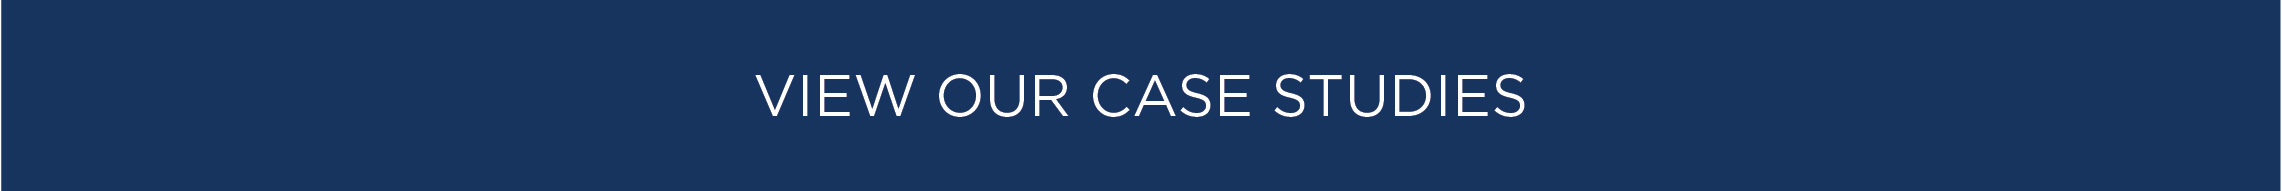 whi_casestudies-03.jpg